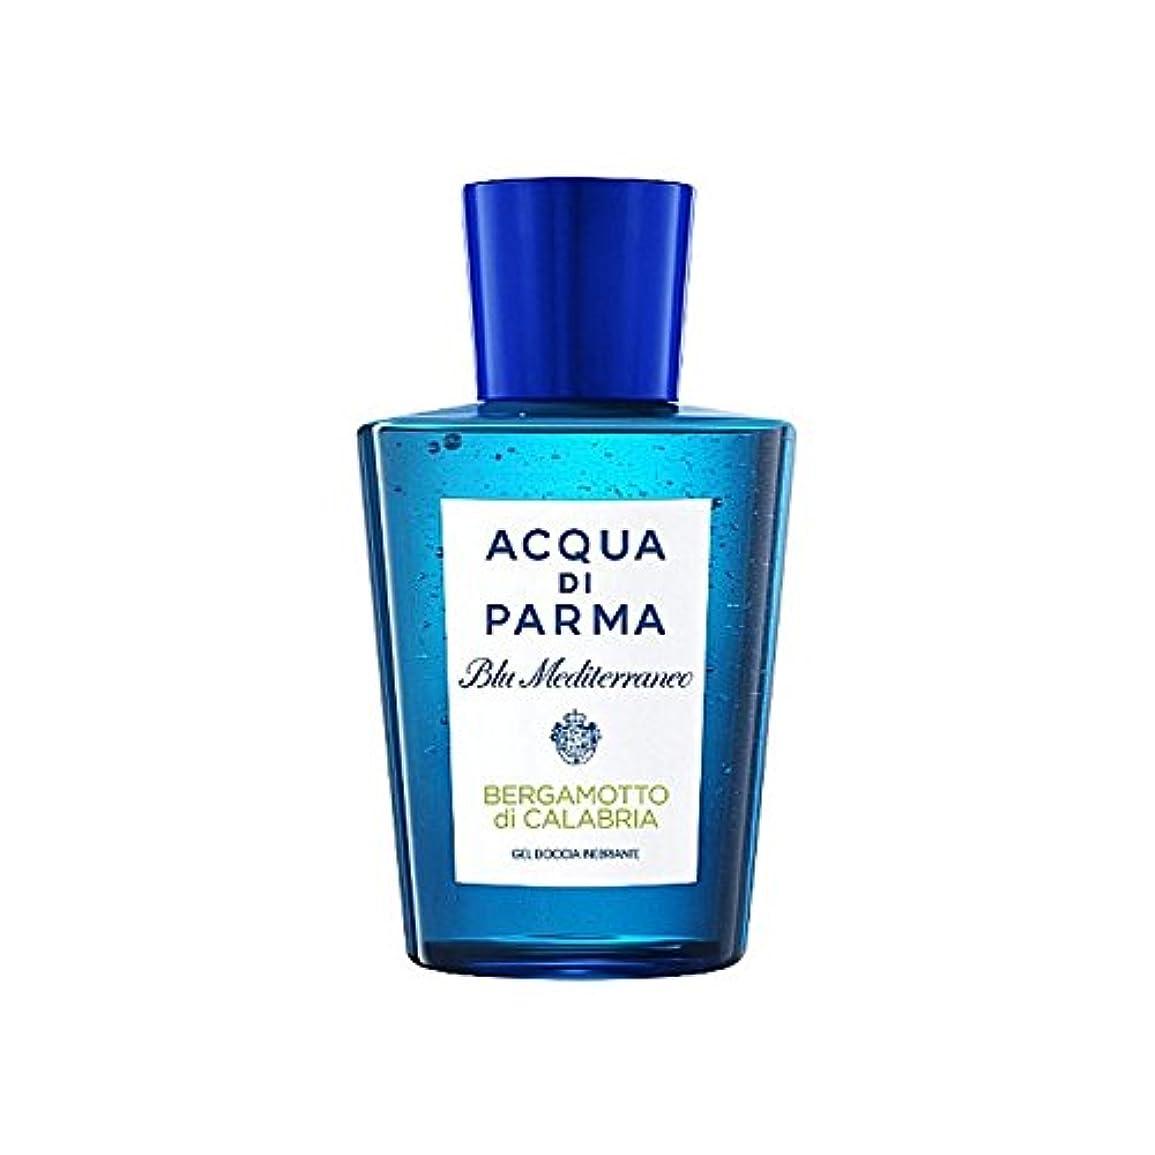 ラショナル傷つきやすいアルカイックAcqua Di Parma Blu Mediterraneo Bergamotto Di Calabria Shower Gel 200ml - アクアディパルマブルーメディのディカラブリアシャワージェル200 [並行輸入品]